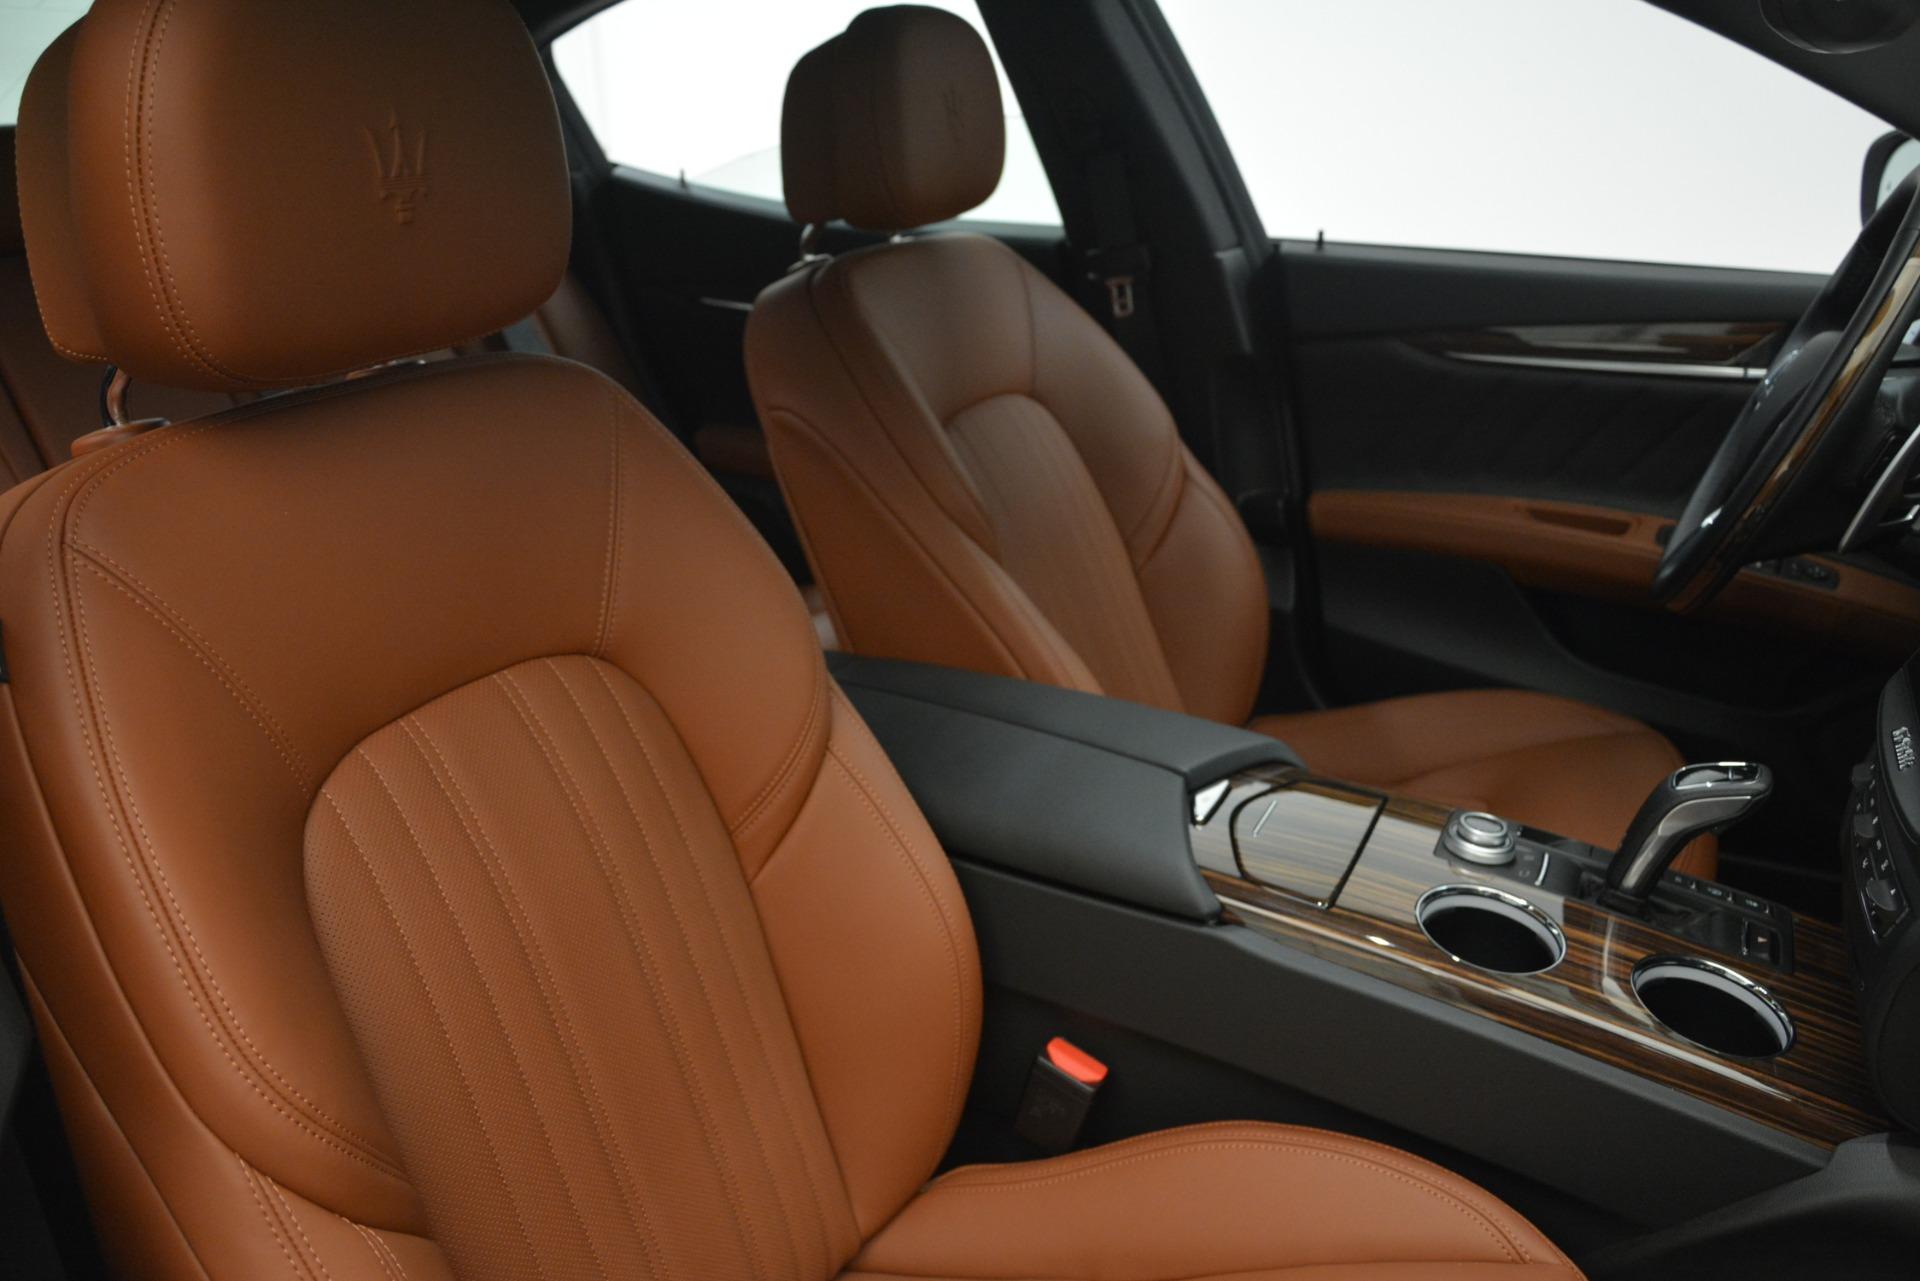 New 2019 Maserati Ghibli S Q4 GranLusso For Sale In Greenwich, CT 2590_p22